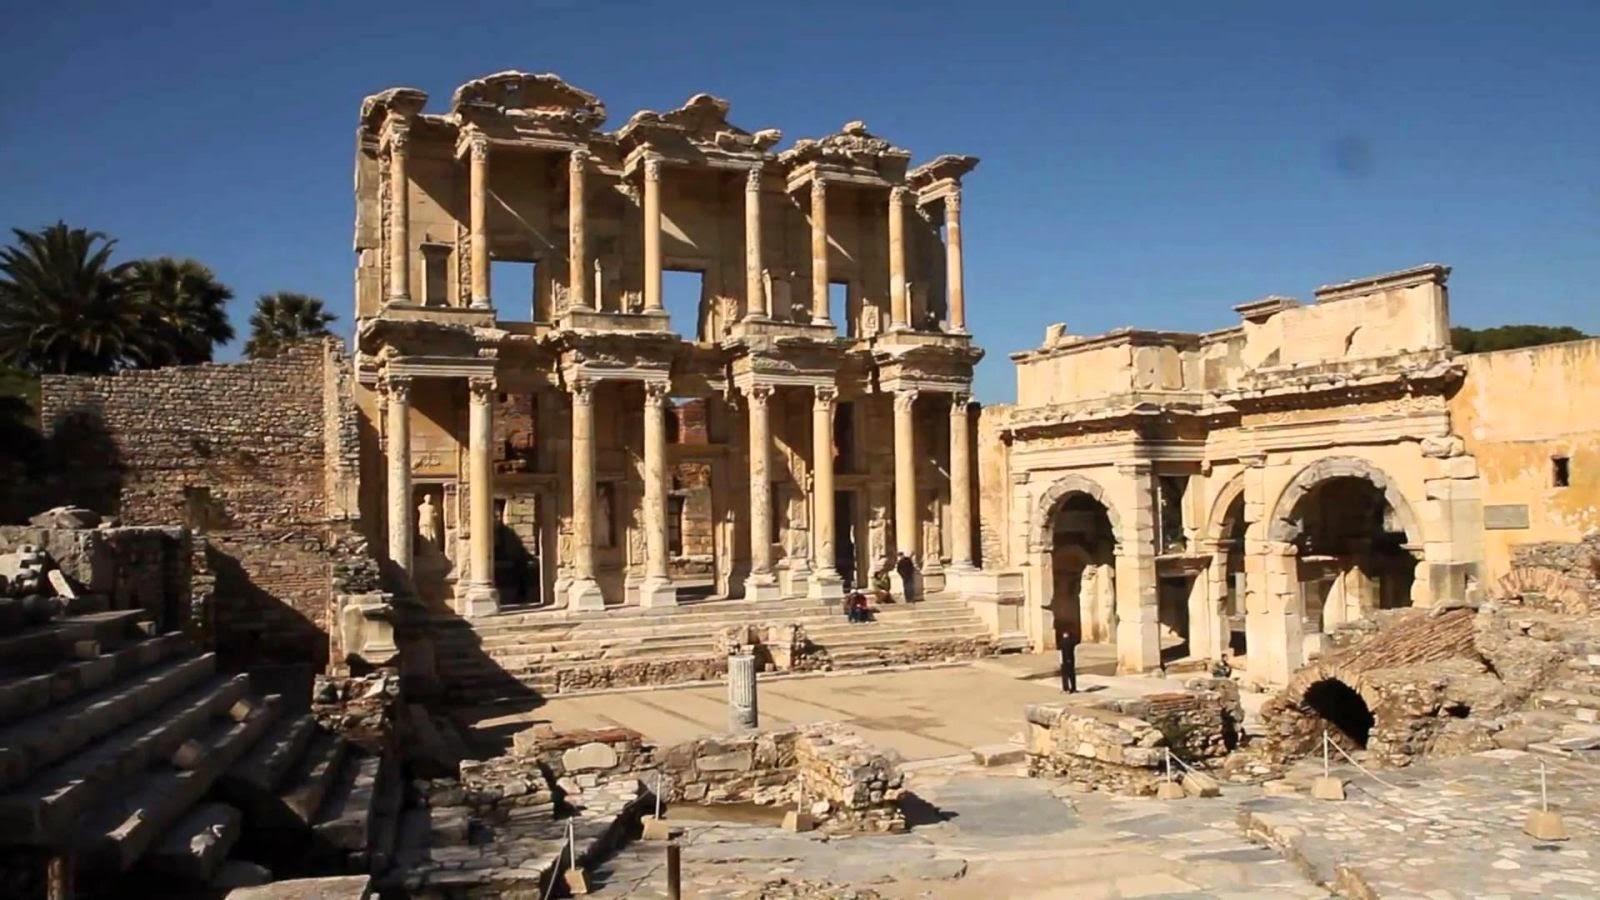 Biblioteca-de-Celso-em-Éfeso-Turquia